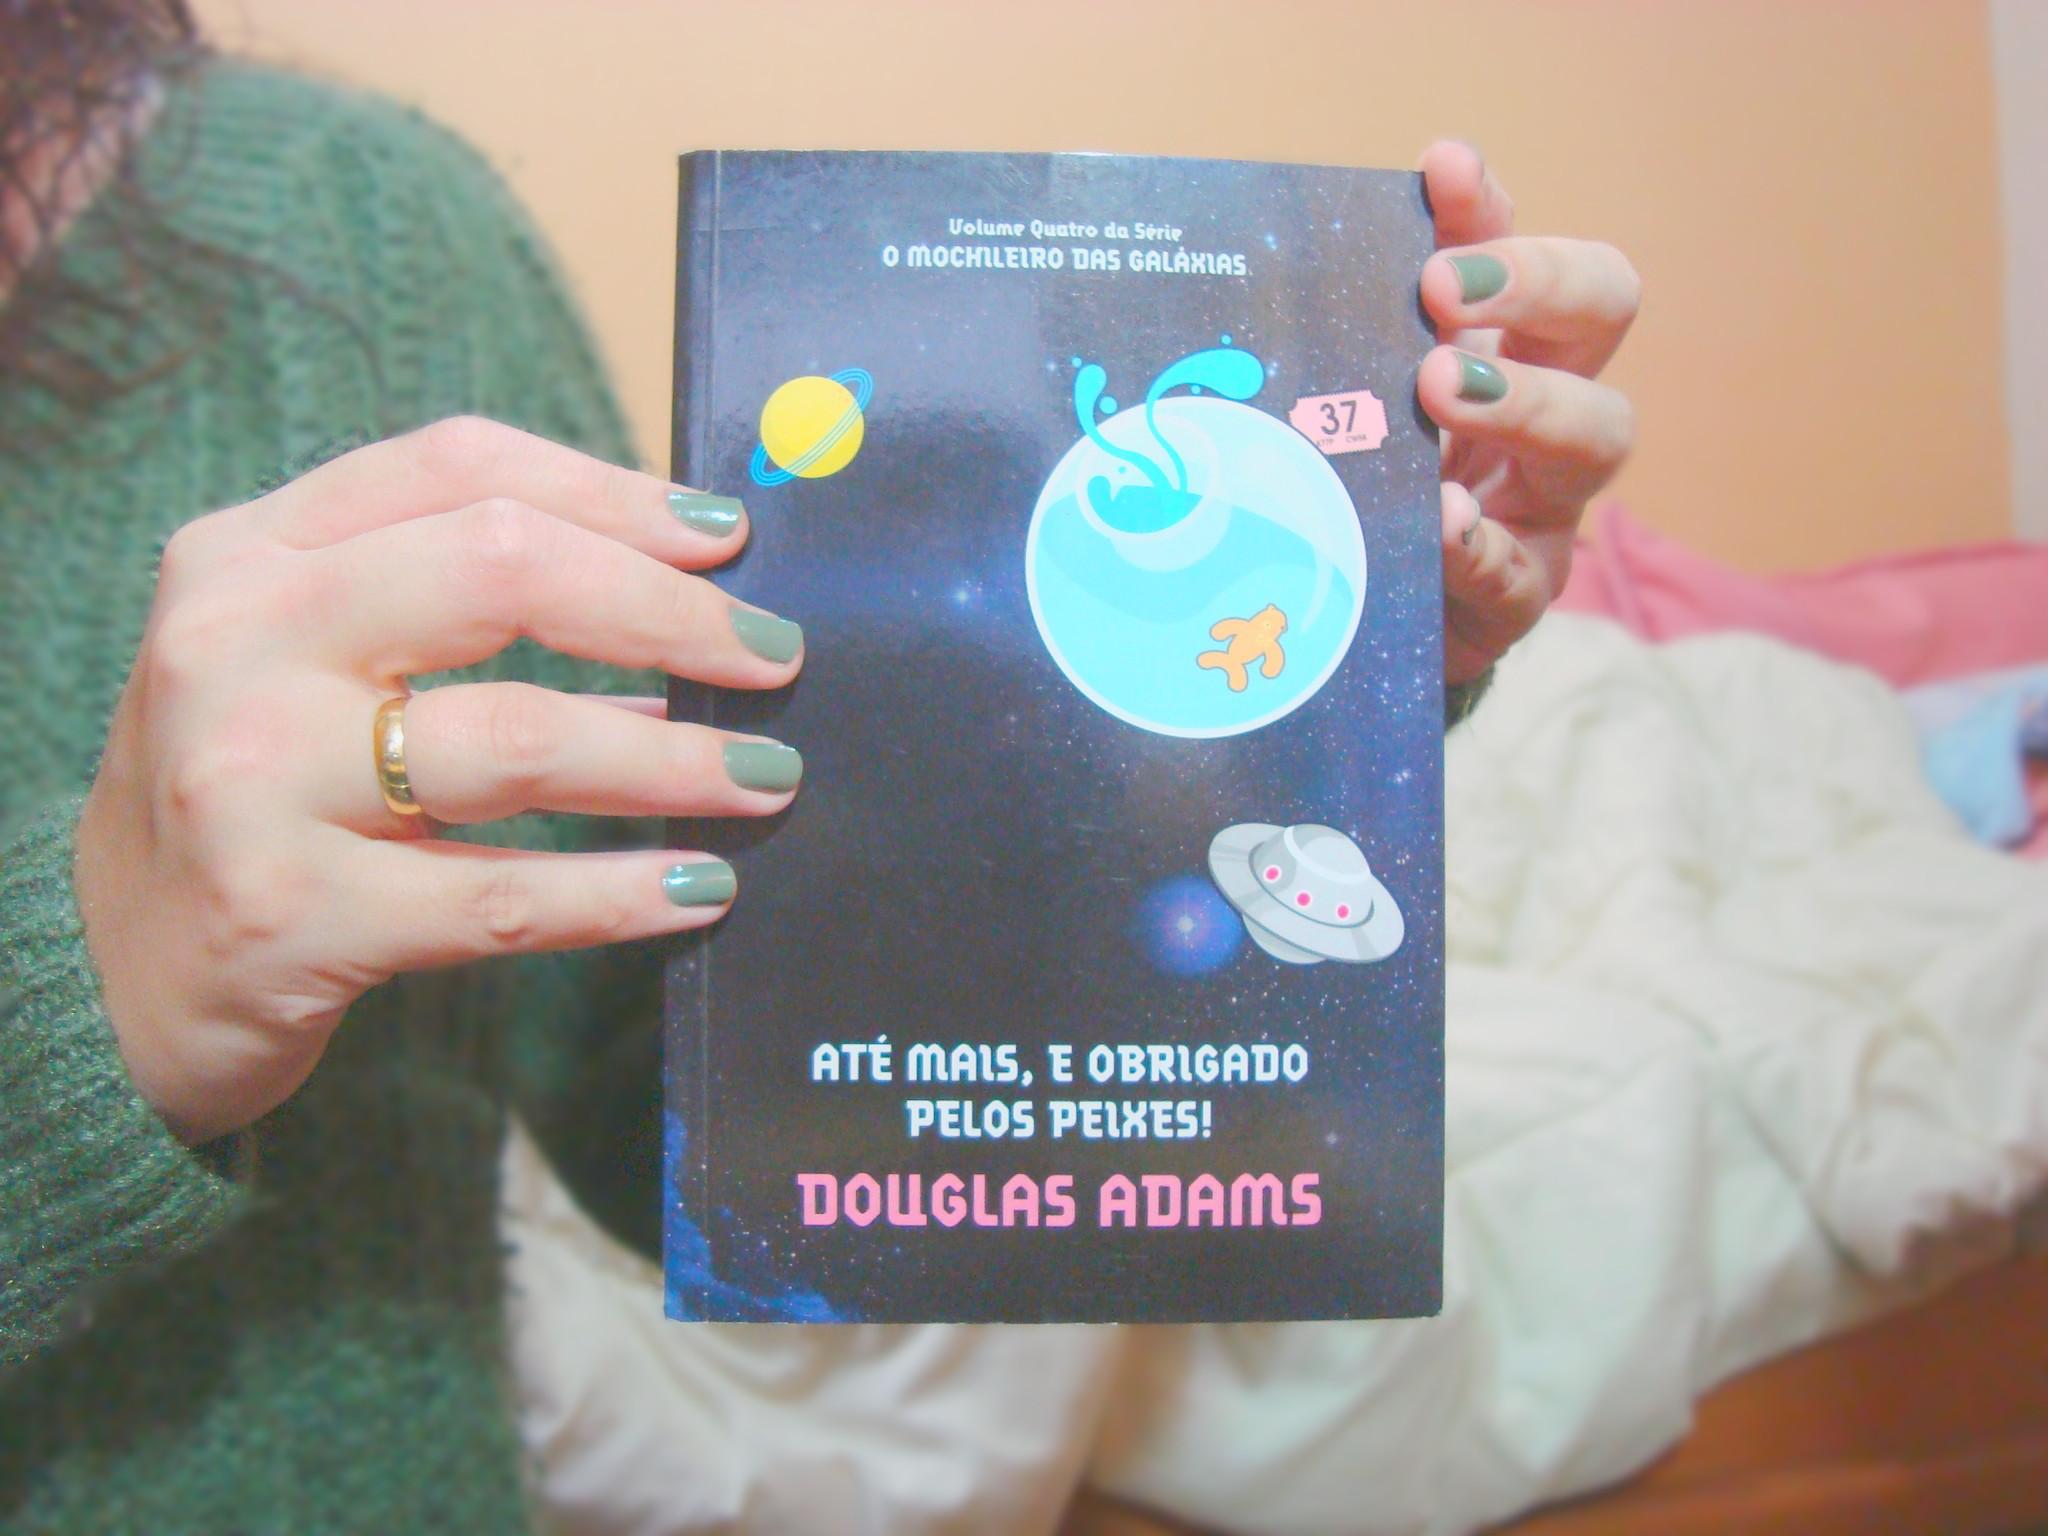 Capa do livro Até mais, e obrigado pelos peixes da série O Guia do Mochileiro das Galaxias